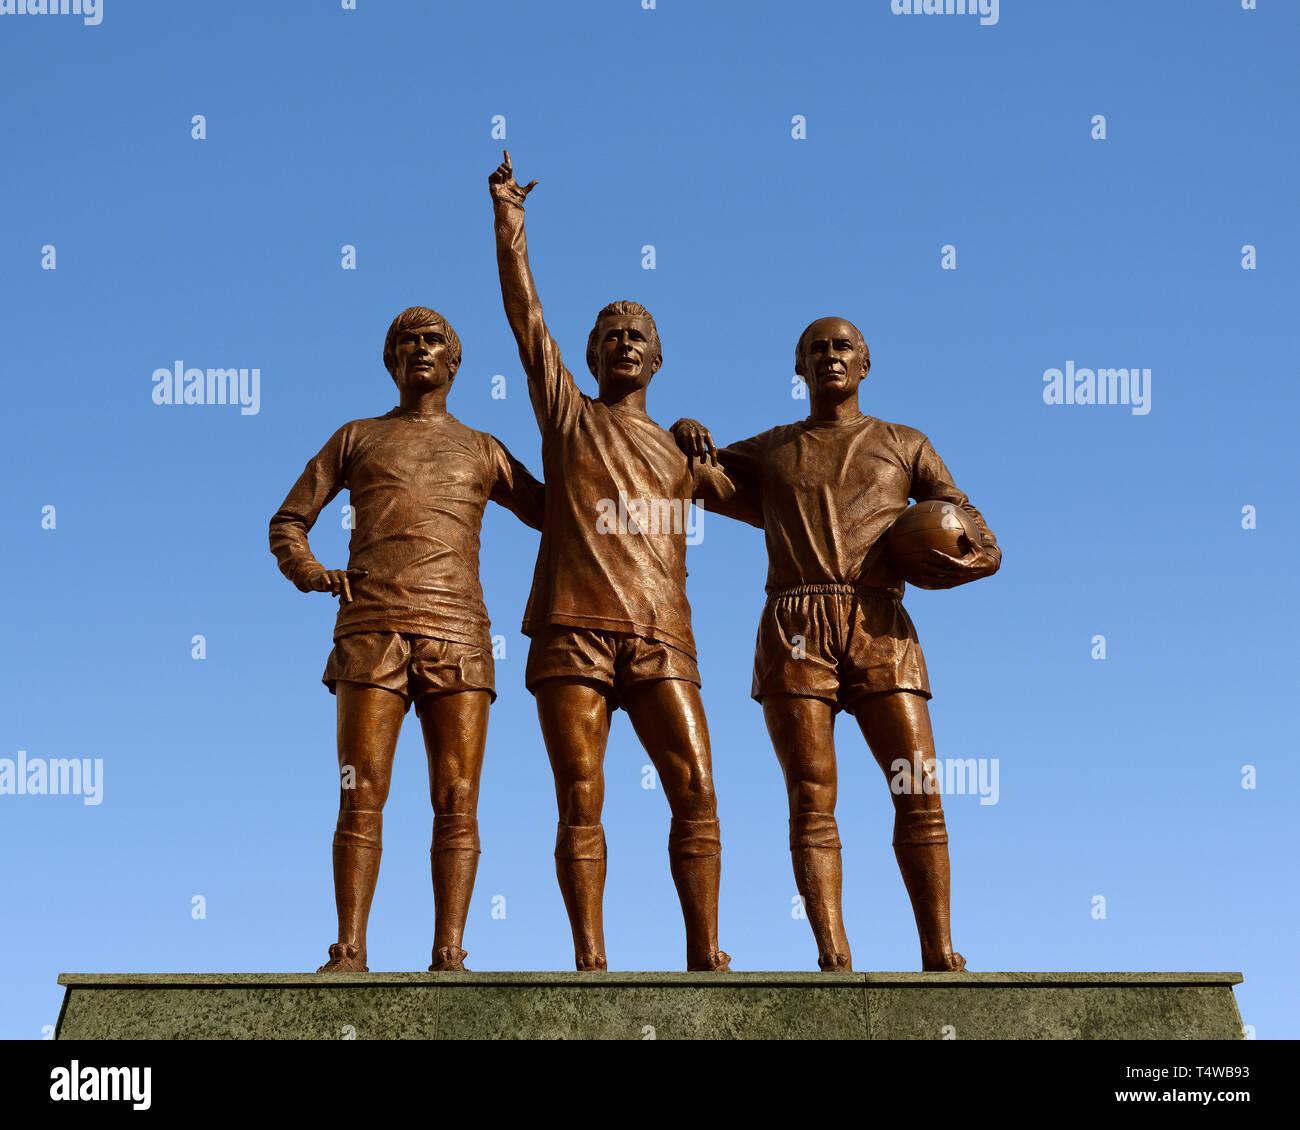 Manchester United Holy Trinity Statue außerhalb des Stadion Old Trafford, Manchester, England, Vereinigtes Königreich Stockbild